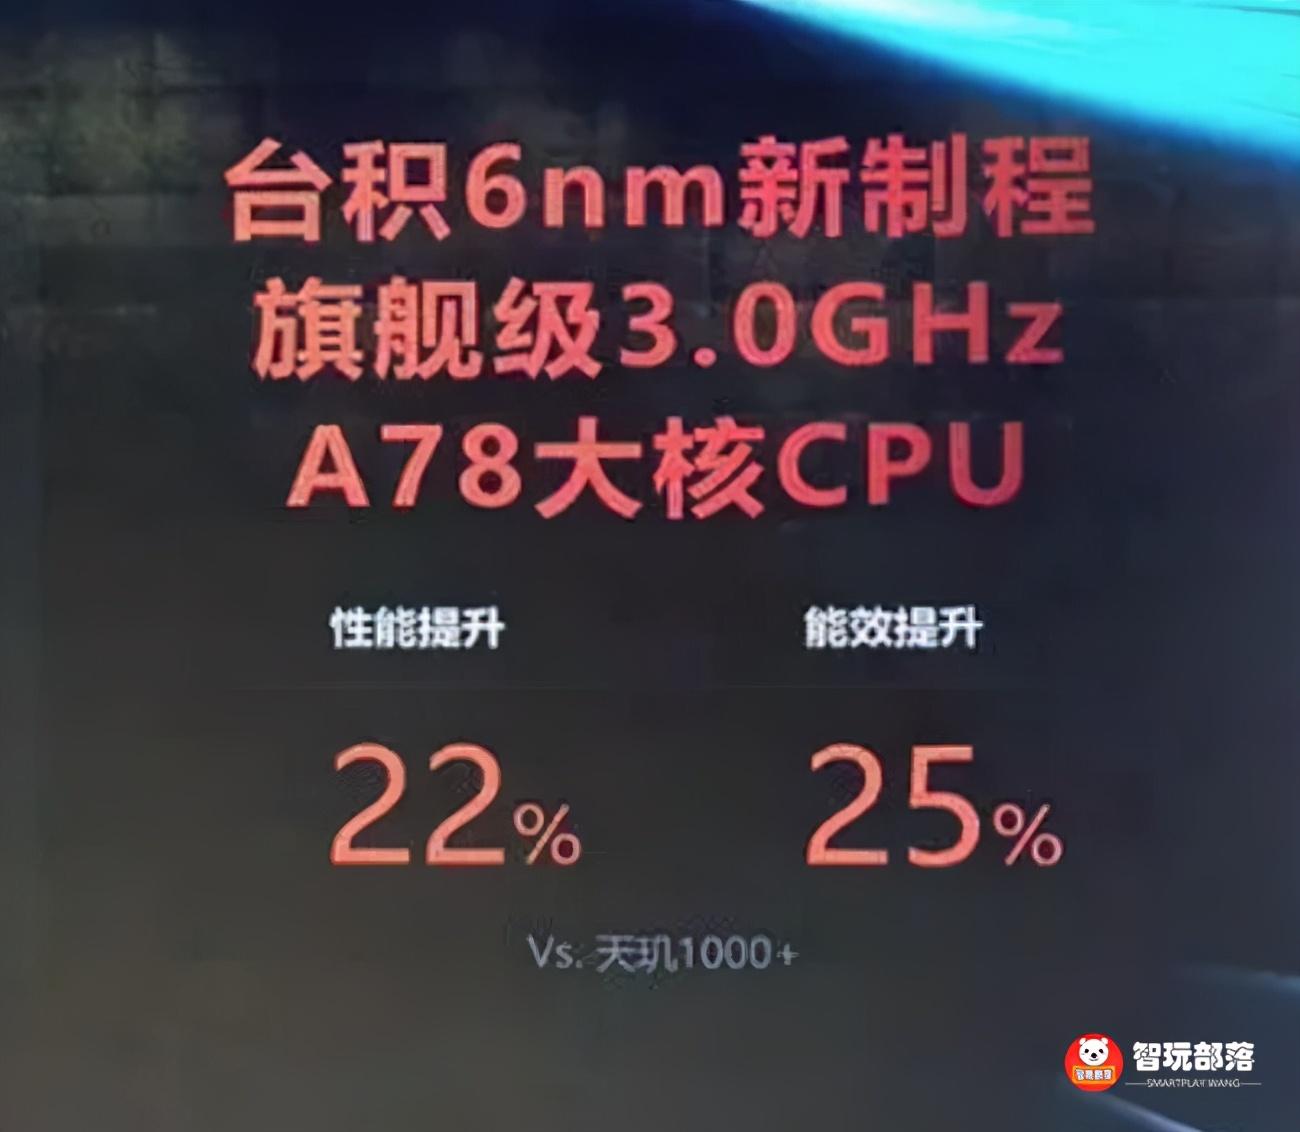 vivo将全球首发天玑1100处理器,同样采用6nm工艺制程